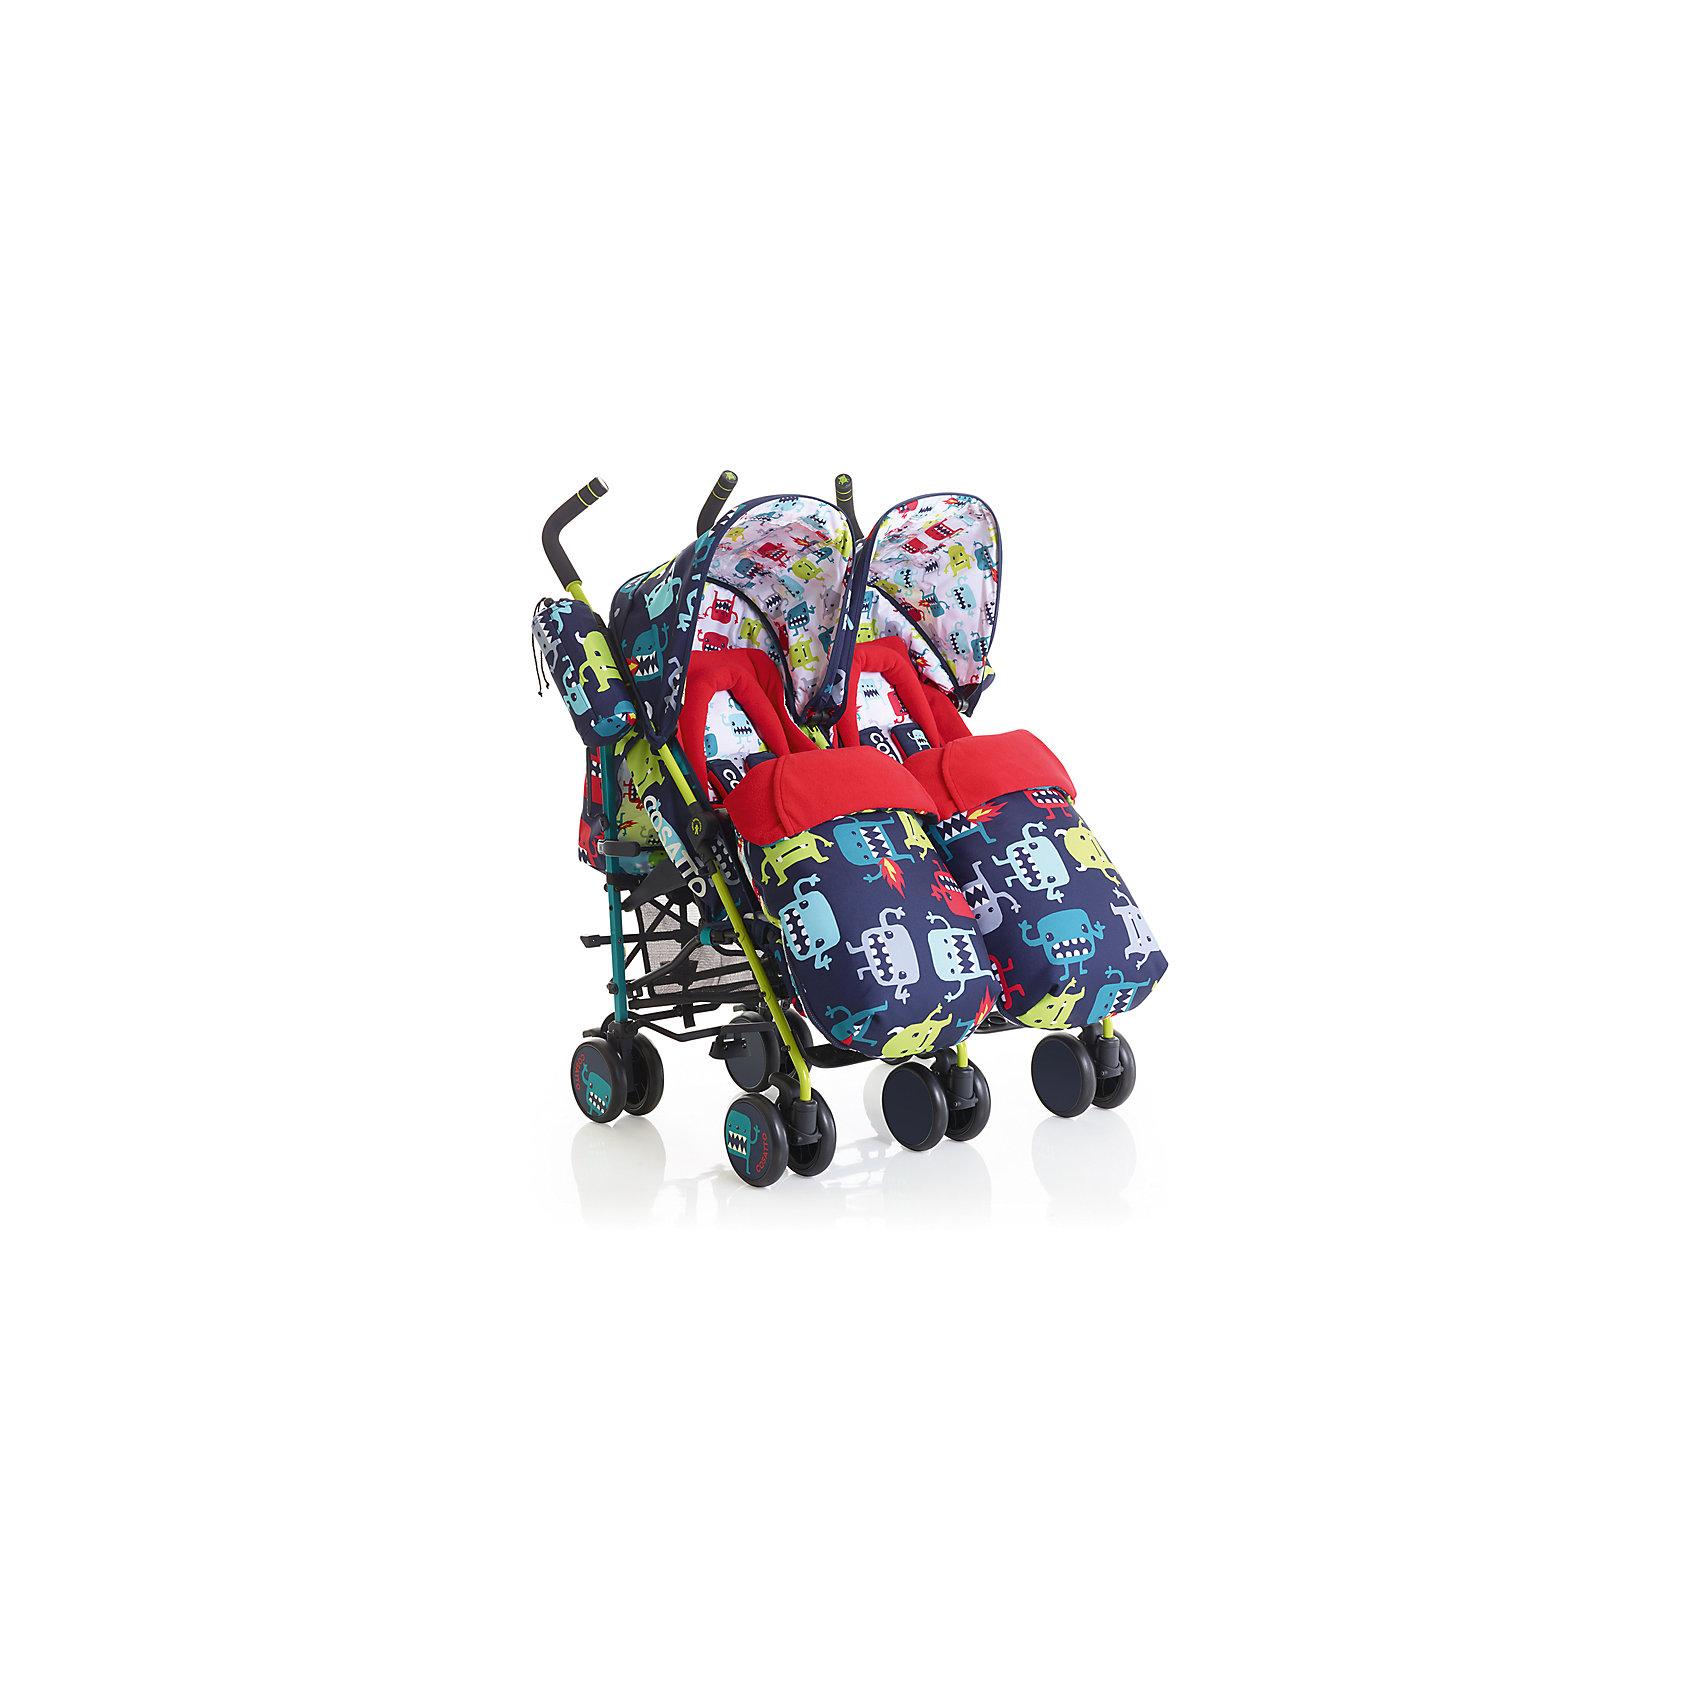 Прогулочная коляска для двойни SUPA DUPA TWIN, Cosatto, Cuddle Monster 2Модные коляски для близнецов – большая редкость. Стильная коляска станет для родителей не только незаменимой вещью, но и стильным аксессуаром. Функциональность, дизайн и маневренность – все это – новая модель от Cosatto. Все материалы, использованные при изготовлении, безопасны и отвечают требованиям по качеству продукции.<br><br>Дополнительные характеристики: <br><br>цвет: Cuddle Monster 2;<br>возраст: 6 месяцев – 3 года;<br>регулируемый капюшон;<br>механизм складывания: трость;<br>регулировка спинки;<br>ножной тормоз;<br>пятиточечные ремни безопасности;<br>габариты: 70 х 72 х 103 см;<br>материал шасси: алюминий;<br>материал блока: текстиль, пластик;<br>комплектация: блок для прогулок, складывающиеся шасси, корзина для хранения, подголовник, подстаканник, защита от дождя и солнца, регулируемая ручка, конверт - муфта.<br><br>Прогулочную коляску для двойни SUPA DUPA TWIN от компании Cosatto можно приобрести в нашем магазине.<br><br>Ширина мм: 1070<br>Глубина мм: 450<br>Высота мм: 300<br>Вес г: 19000<br>Возраст от месяцев: 6<br>Возраст до месяцев: 36<br>Пол: Унисекс<br>Возраст: Детский<br>SKU: 5025719